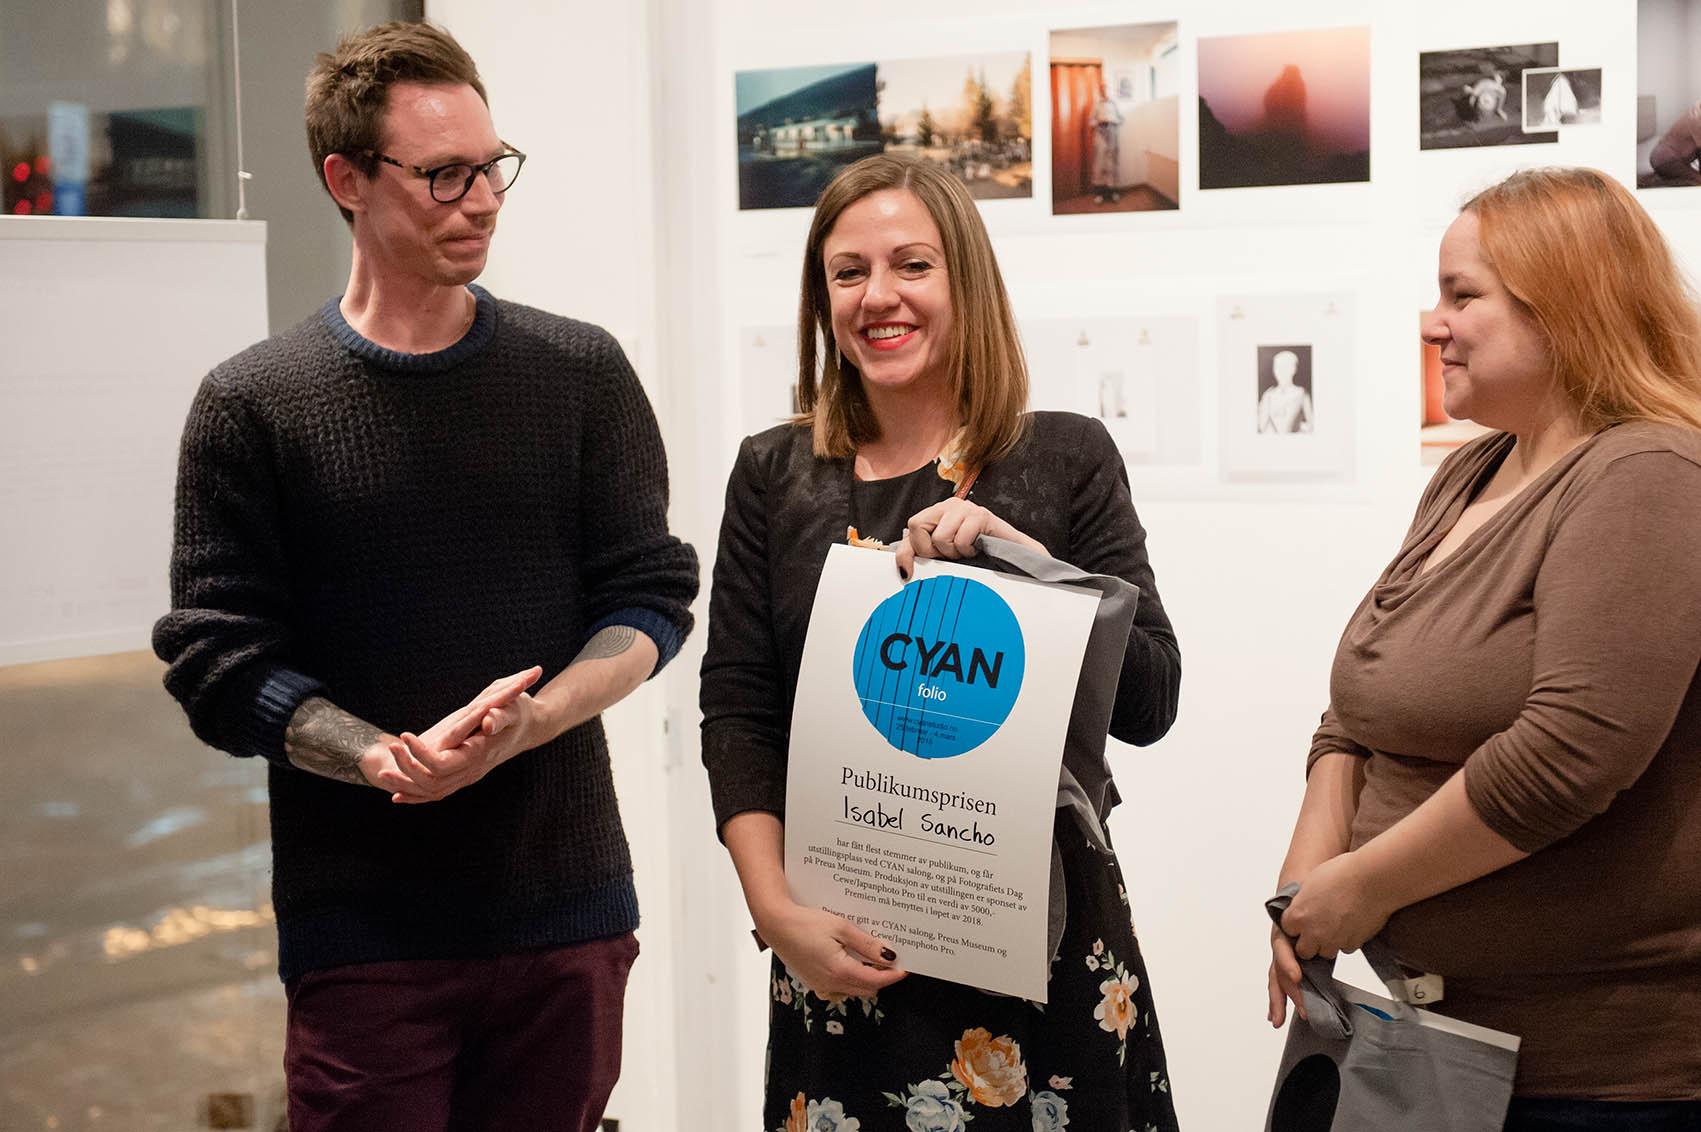 Isabel Sancho vant Publikumsprisen gitt av Pål Henrik Ekern fra Preus Museum